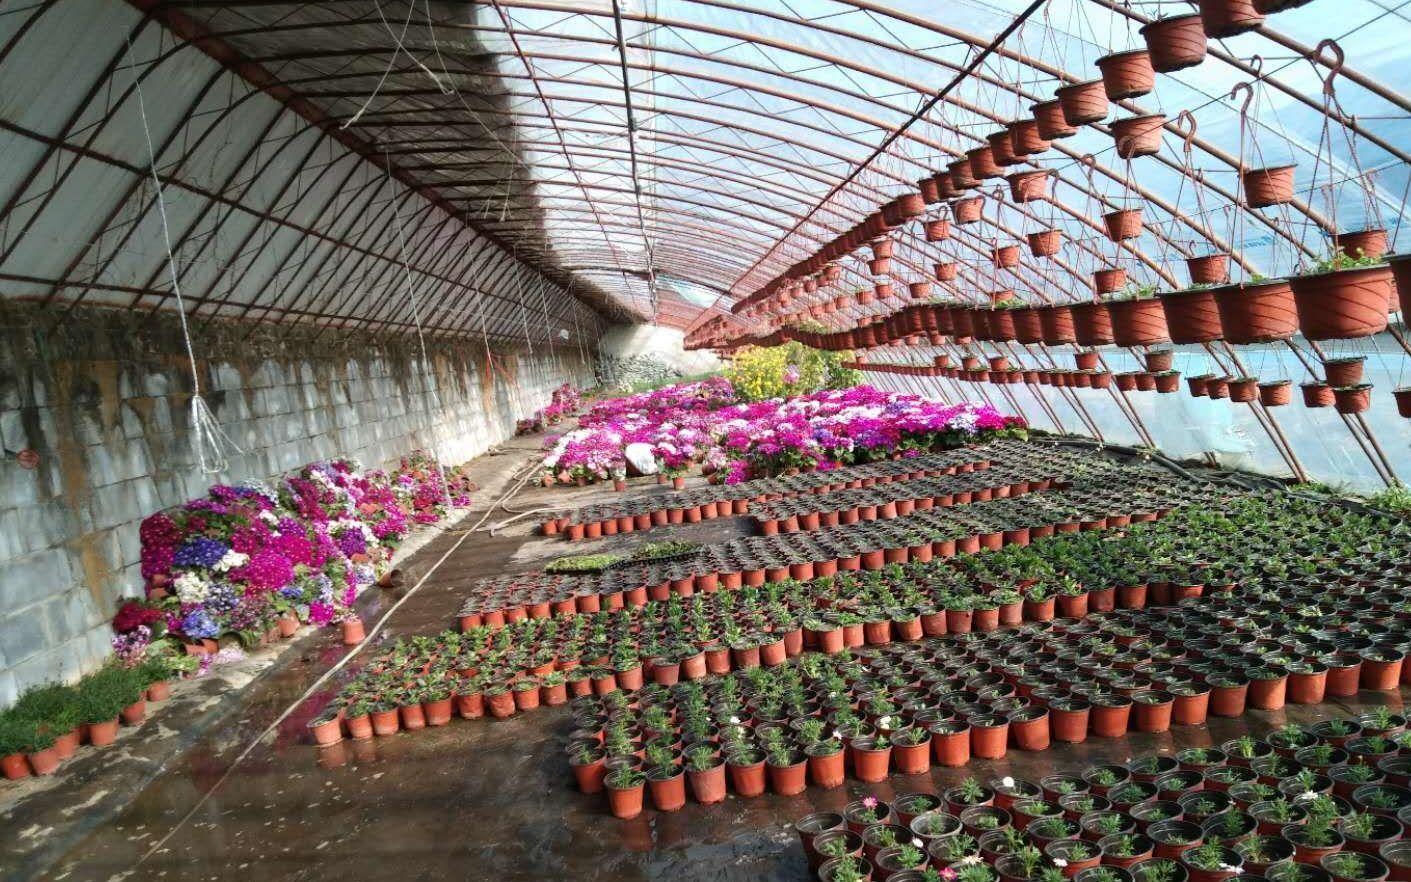 宋庄镇花农两天卖出3000盆滞销盆栽花图片